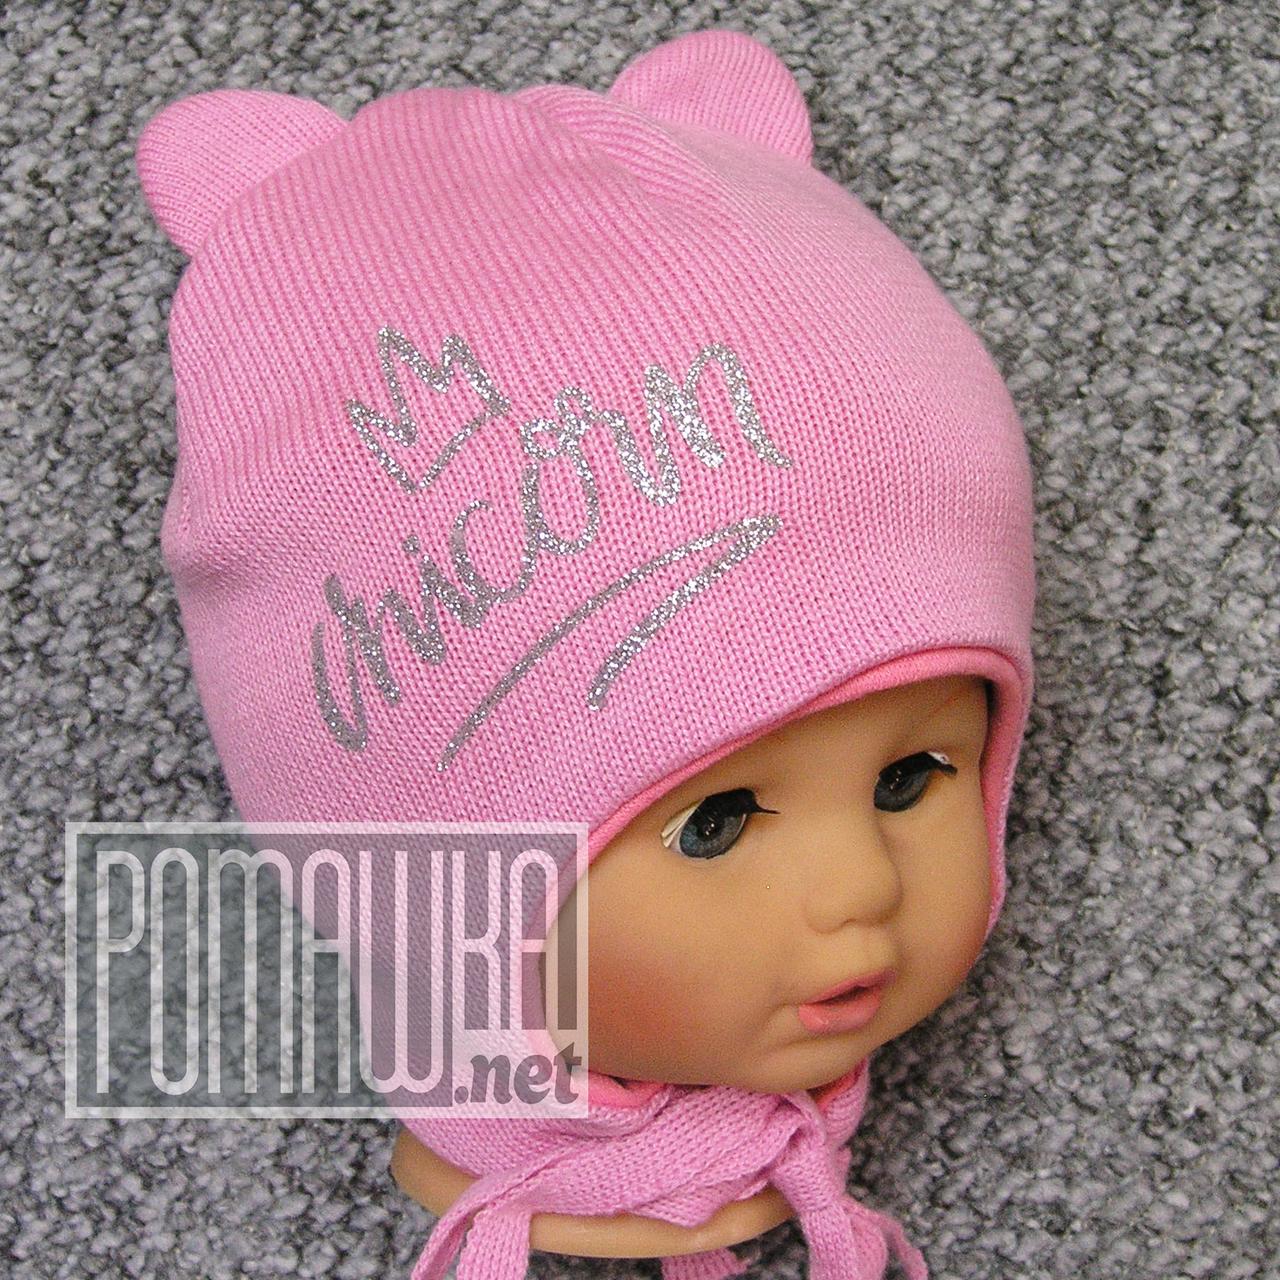 Вязаная с подкладкой р 48-50 13-24 мес осень весна детская шапочка для девочки на завязках 4947 Розовый 48